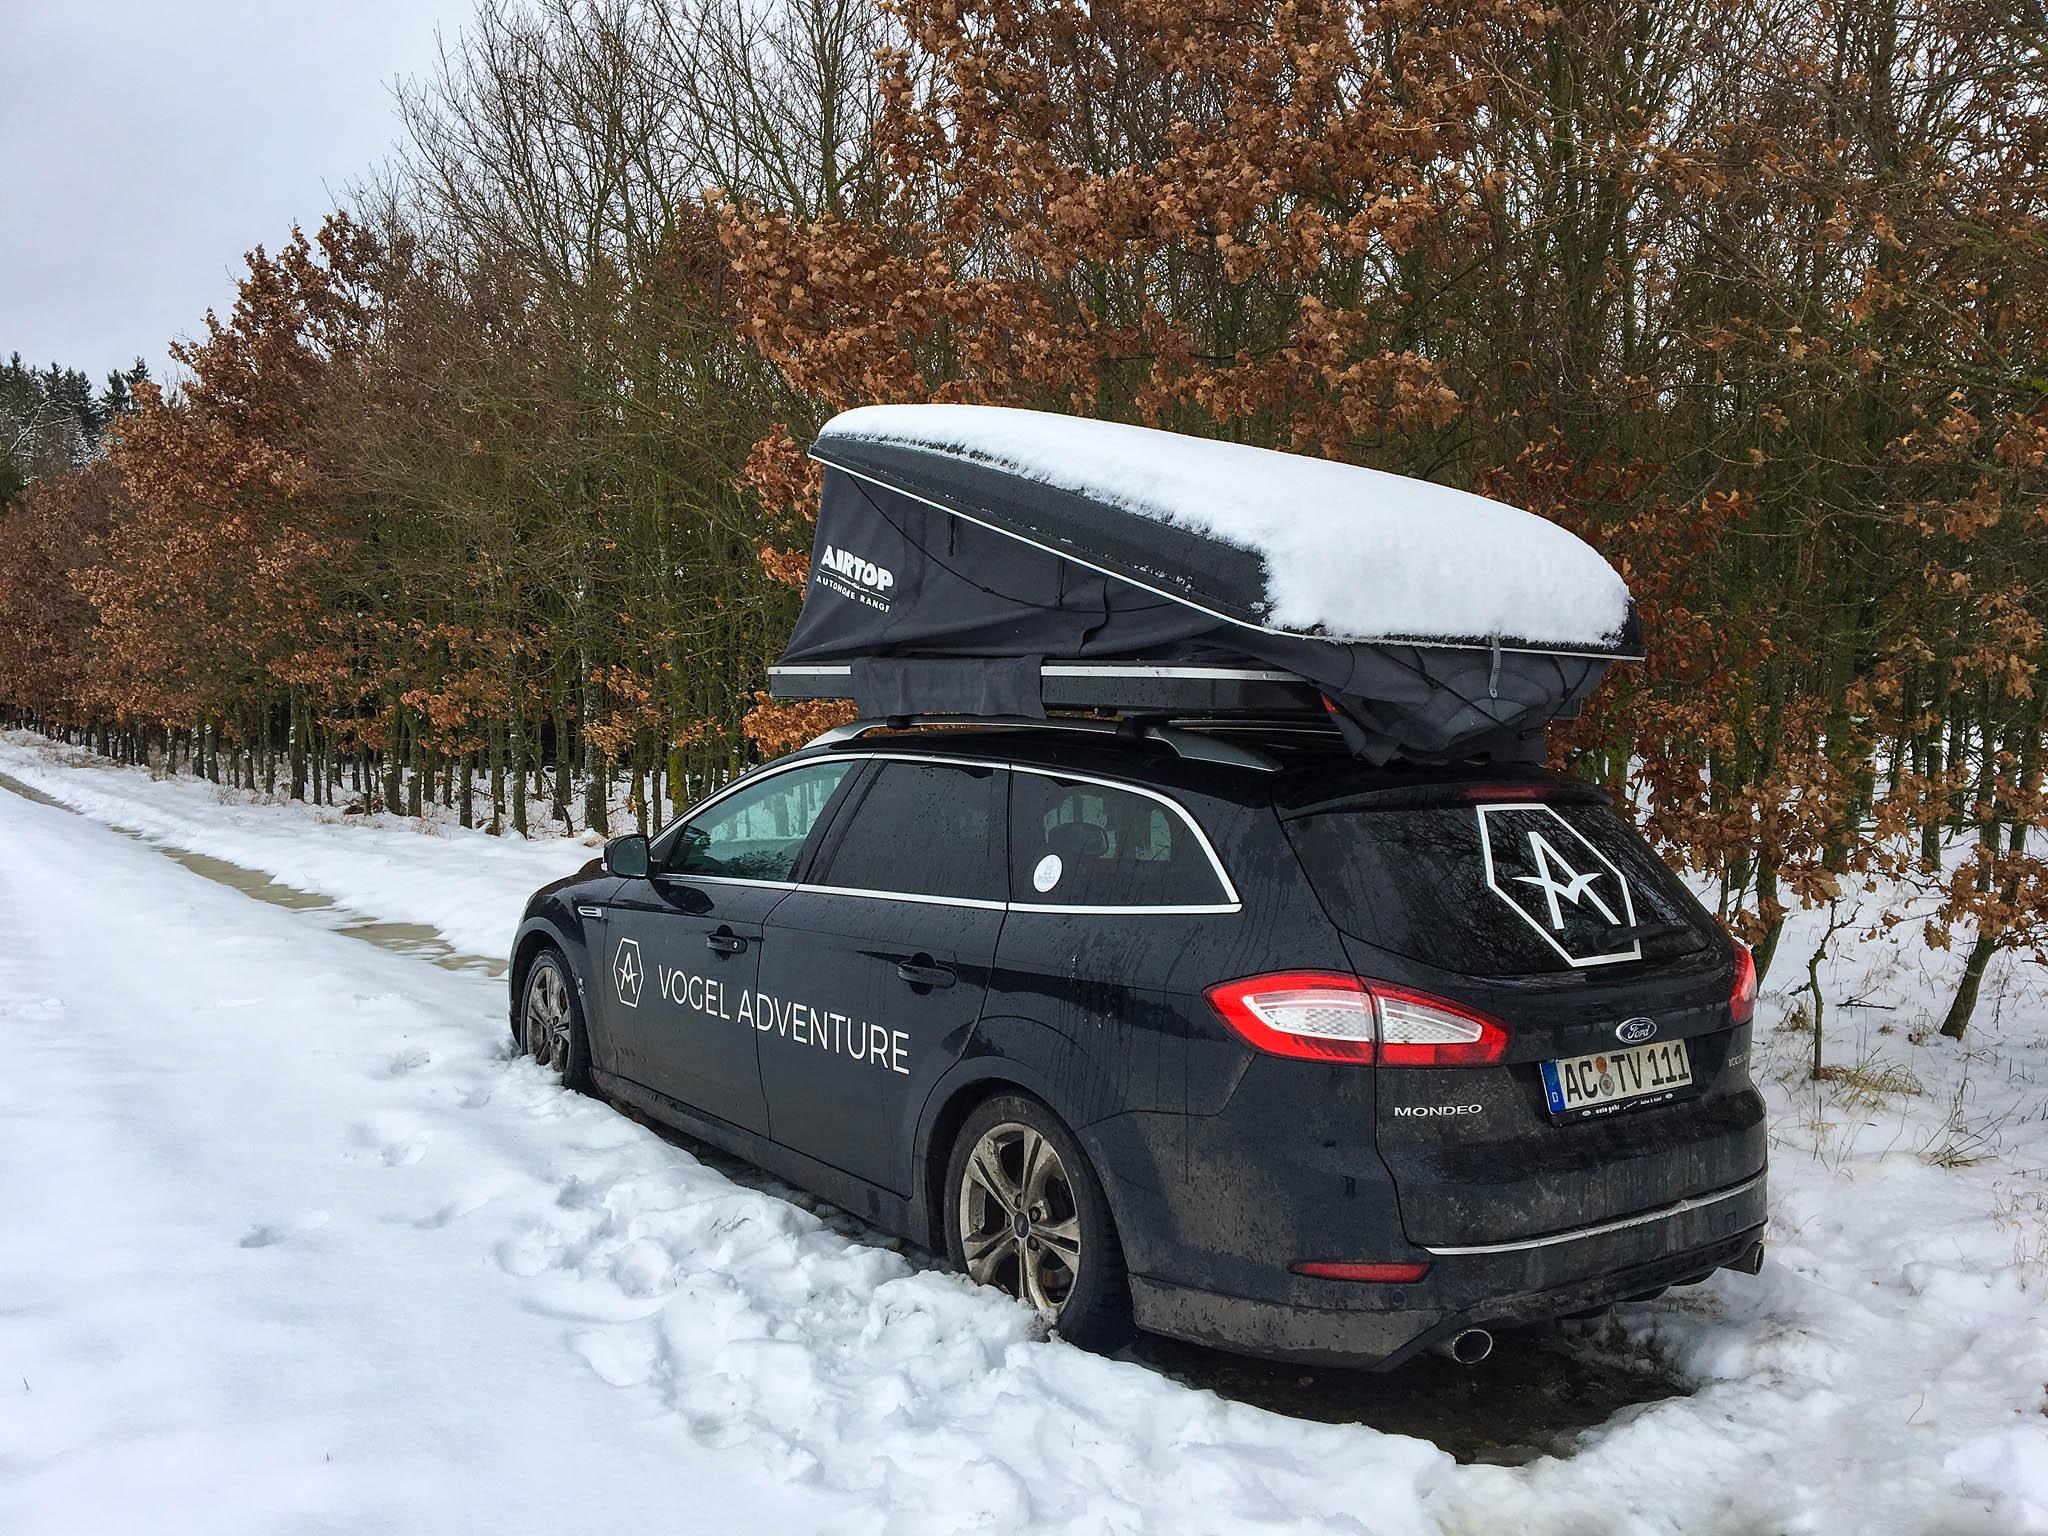 Ford Mondeo mir Dachzelt schneebedeckt. Eine Seite des Dachzeltes ist durch die Schneelast eingeknickt.